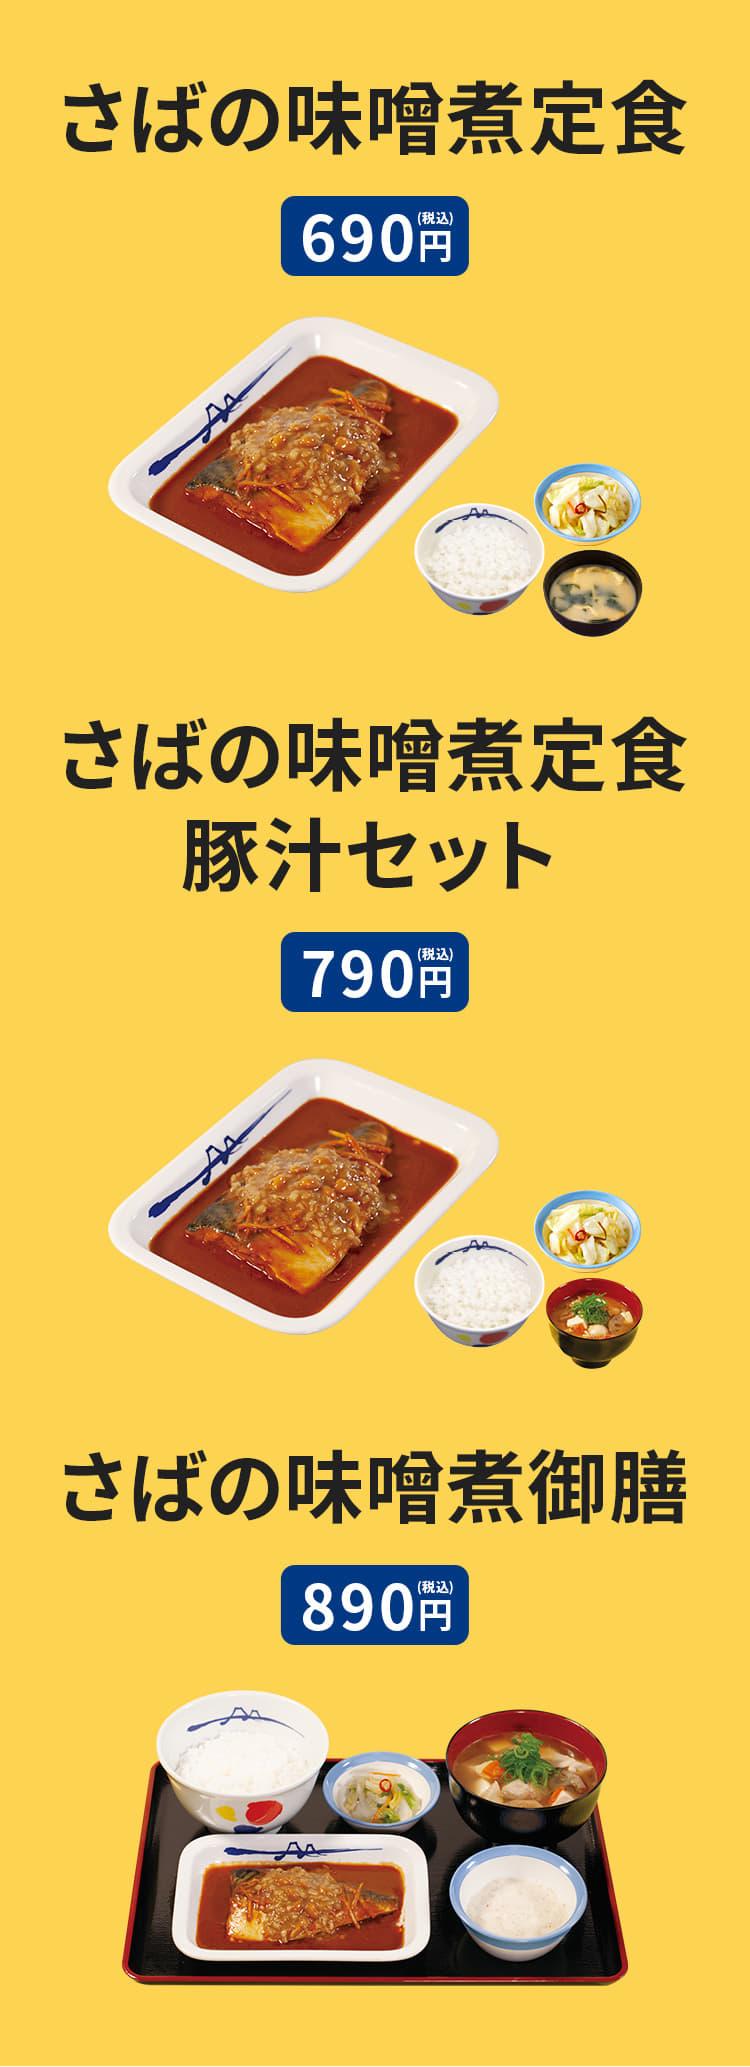 さばの味噌煮定食 690円/さばの味噌煮定食豚汁セット 790円/さばの味噌煮御膳 890円